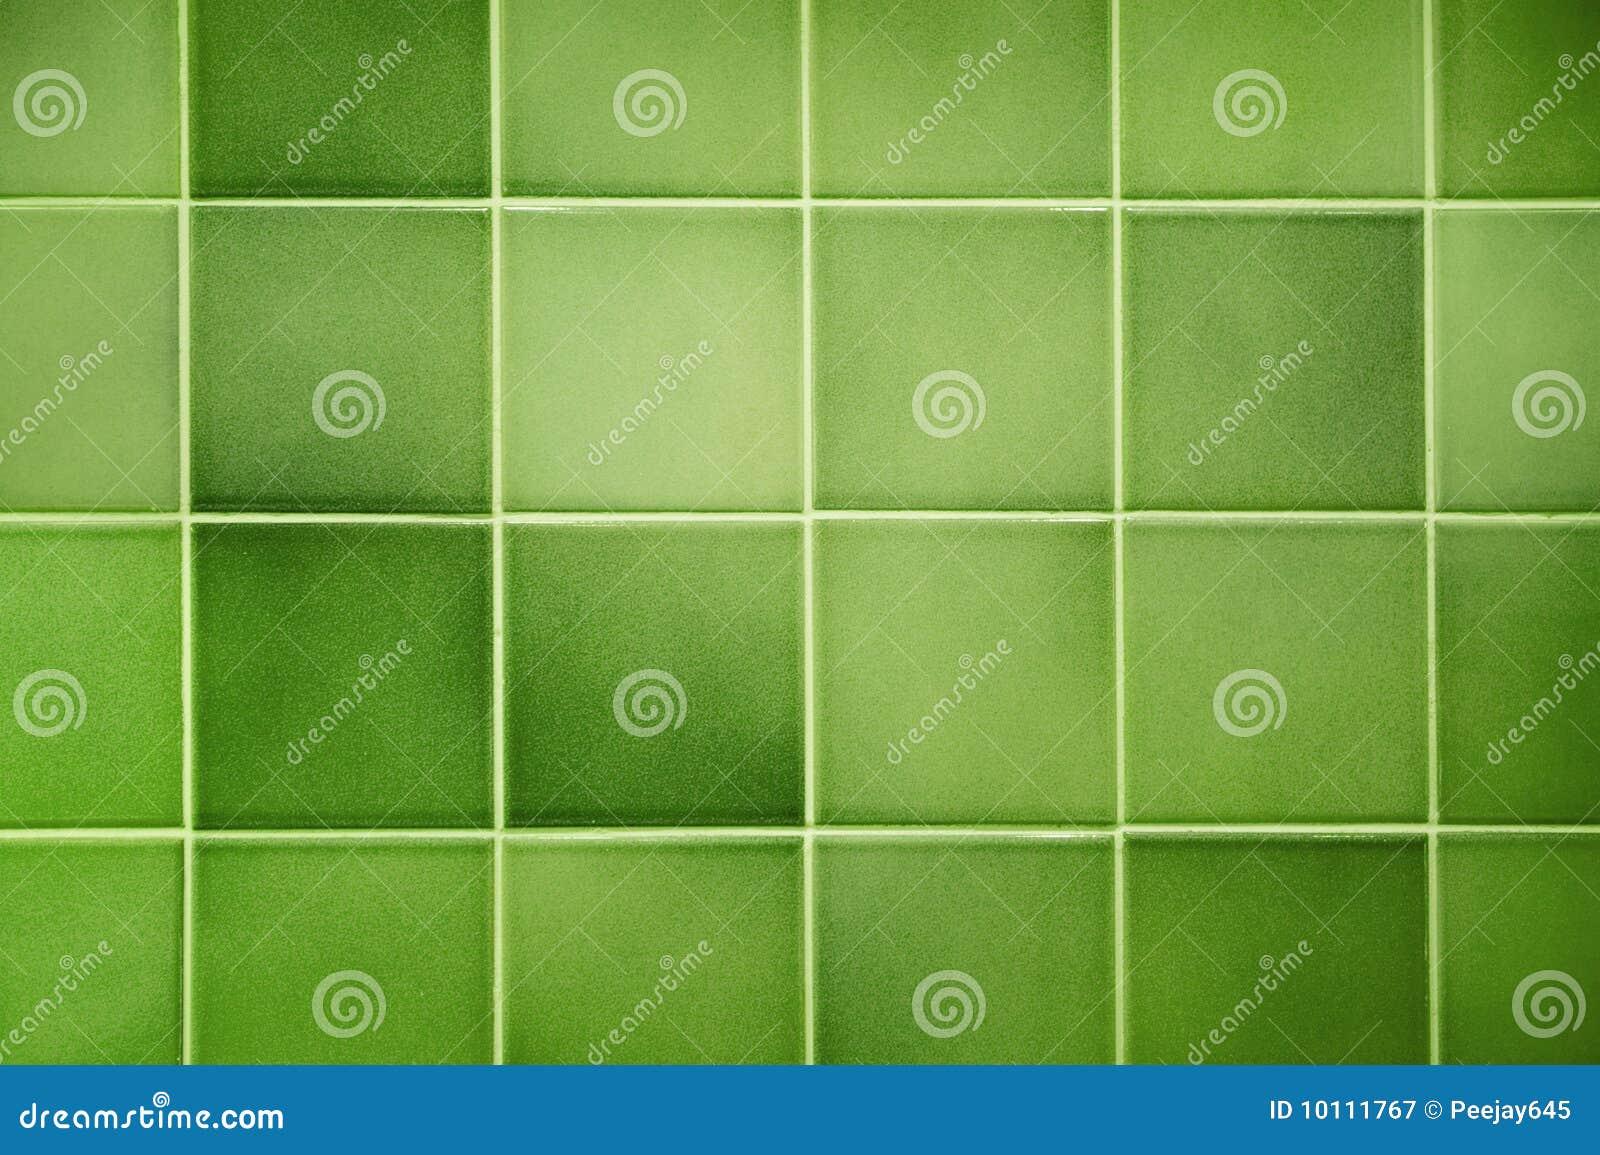 Tegels Groen Keuken : Groene keuken ikea nn van design keukens en groene tegels keuken